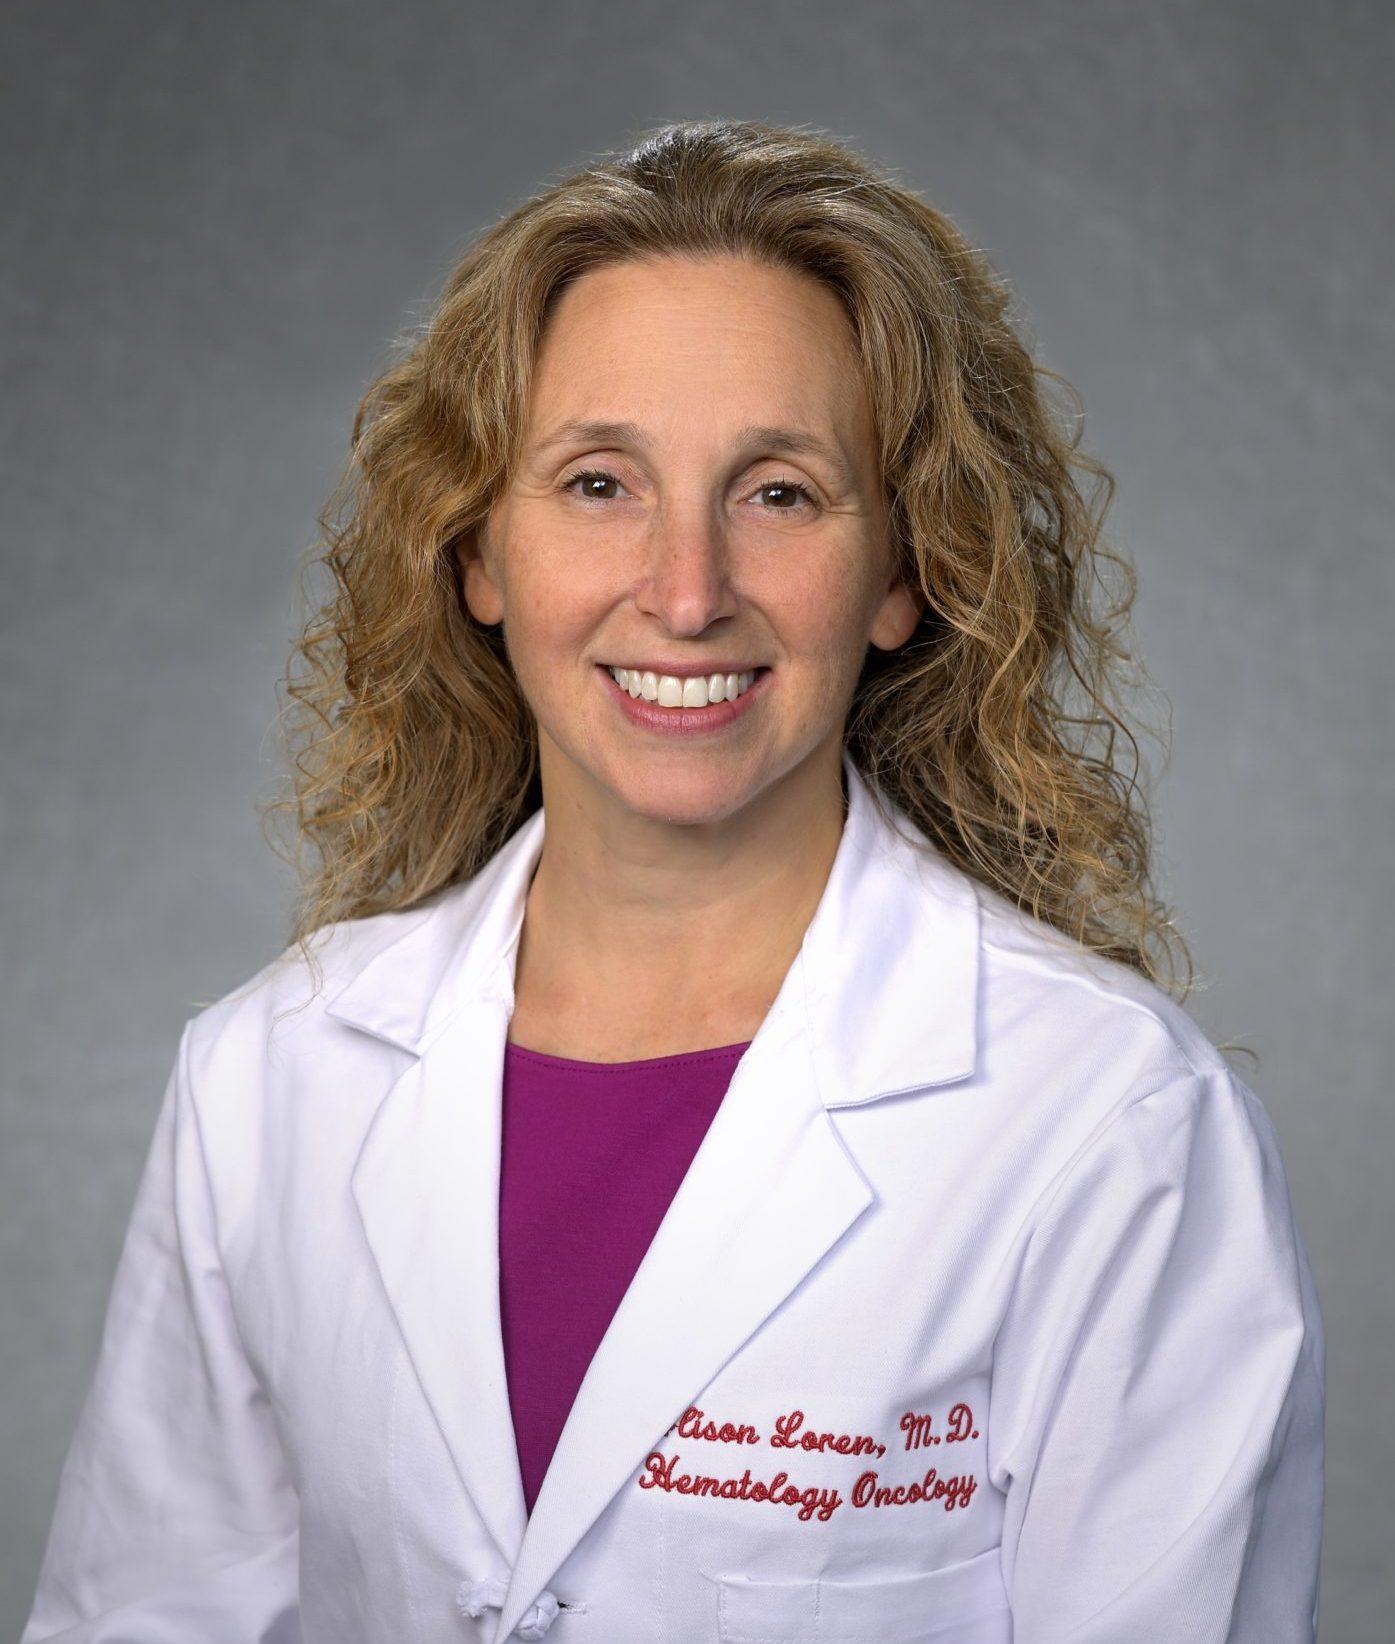 Alison Loren, MD, MSCE